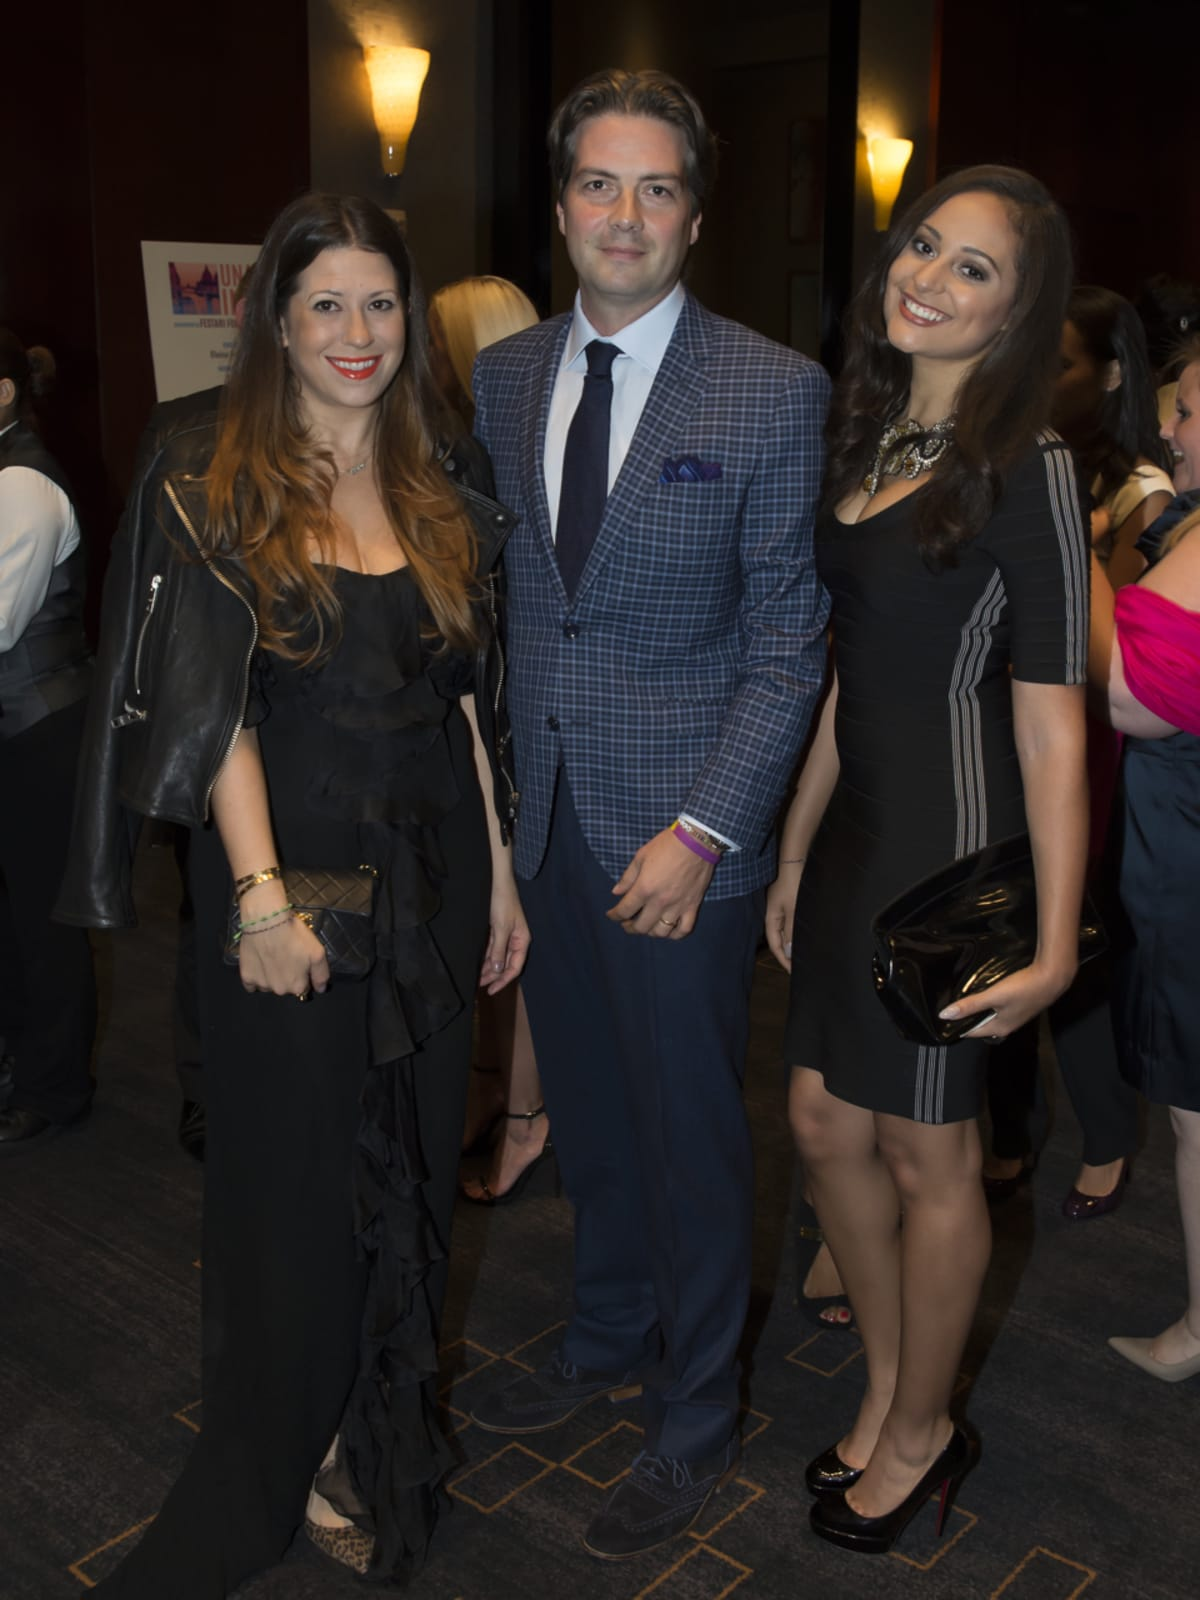 Una Notte in Italia Ally and Martijn van Koolwijk with Jasmine Long